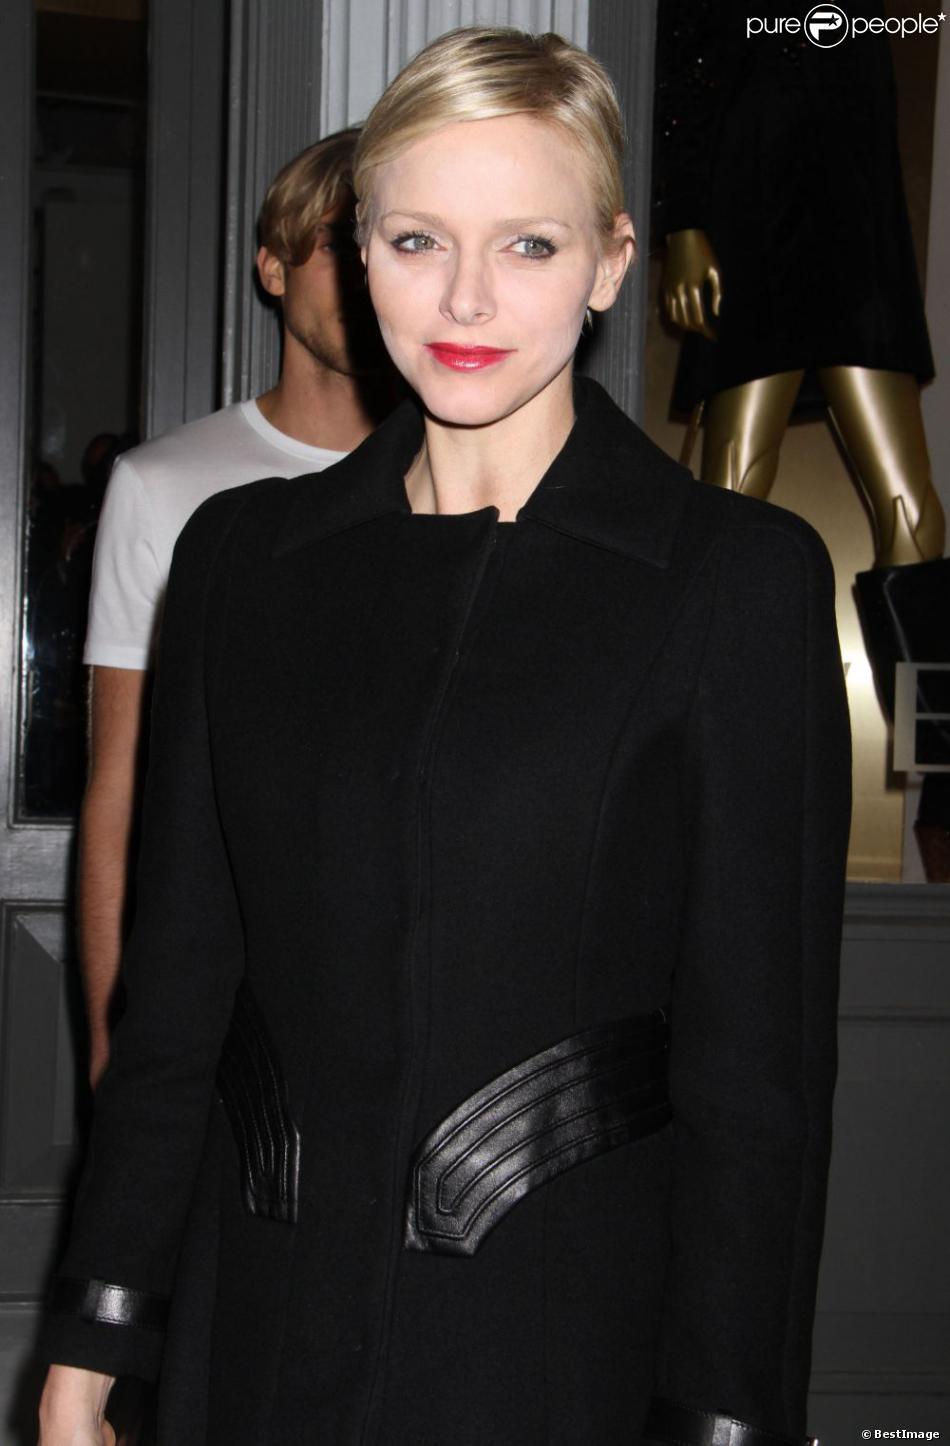 La princesse Charlene de Monaco lors de la soirée d'ouverture de la nouvelle boutique Versace Soho à New York, le 24 octobre 2012.